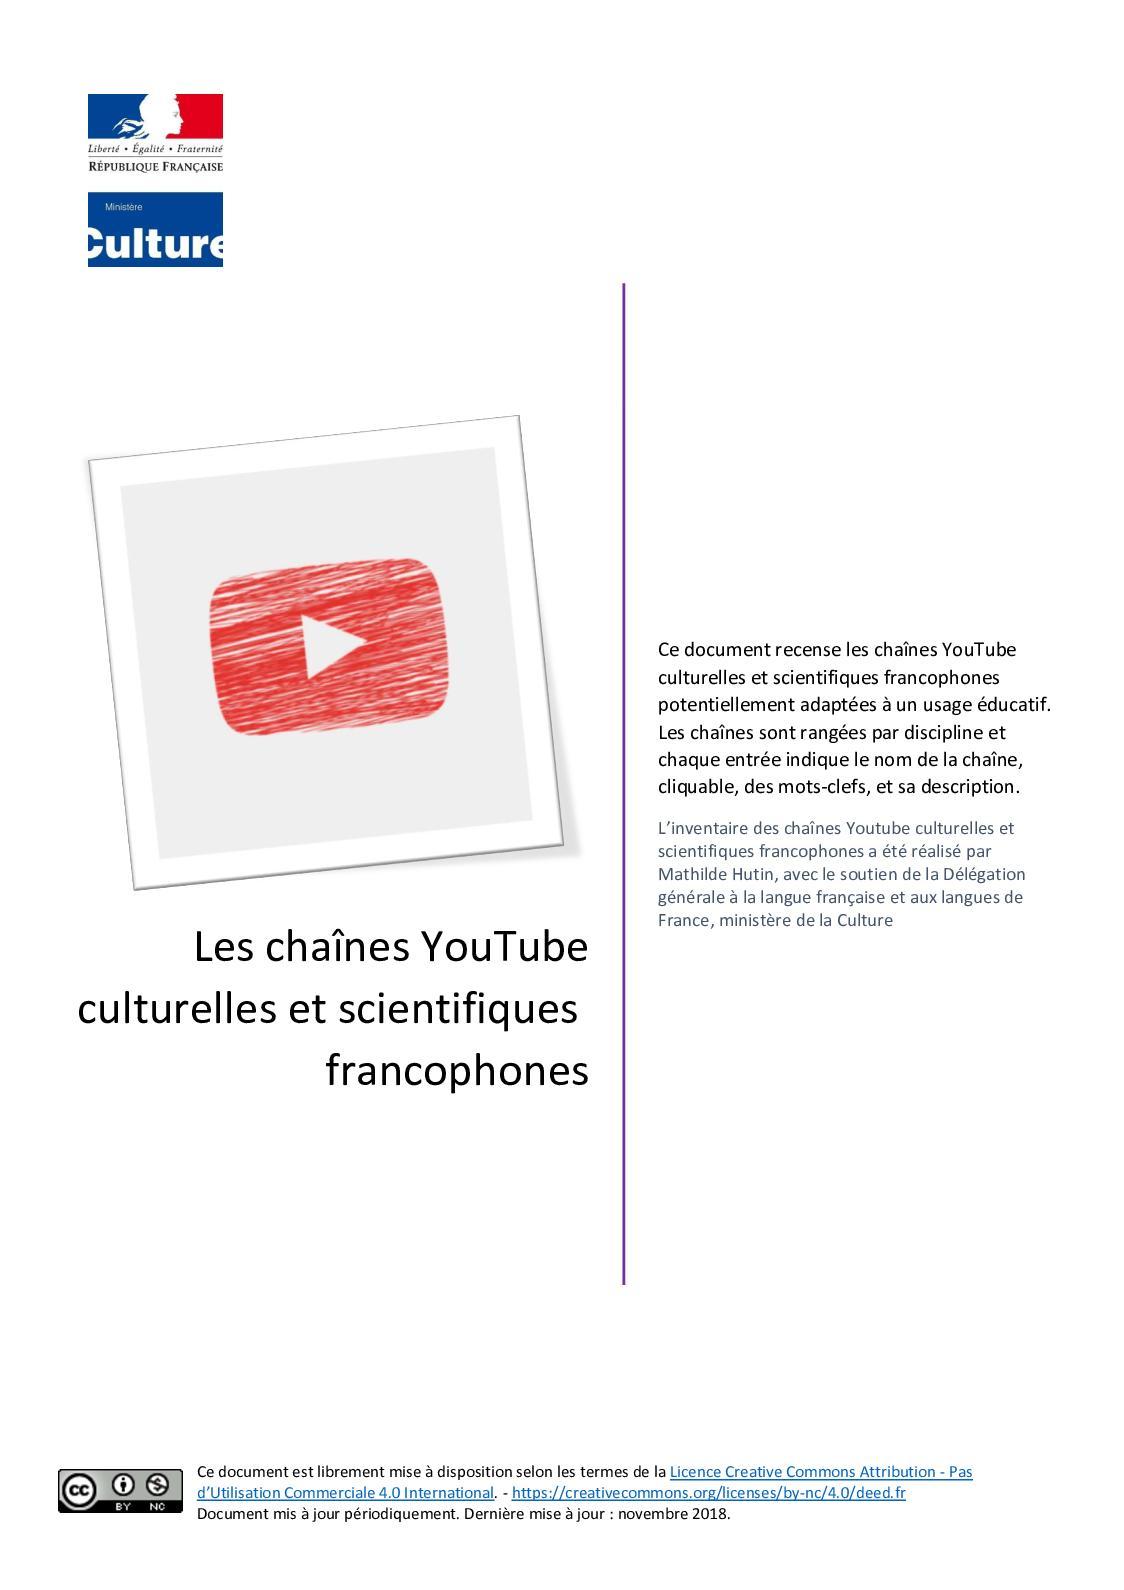 Calameo 350 Chaines Youtube Culturelles Et Scientifiques Francophones